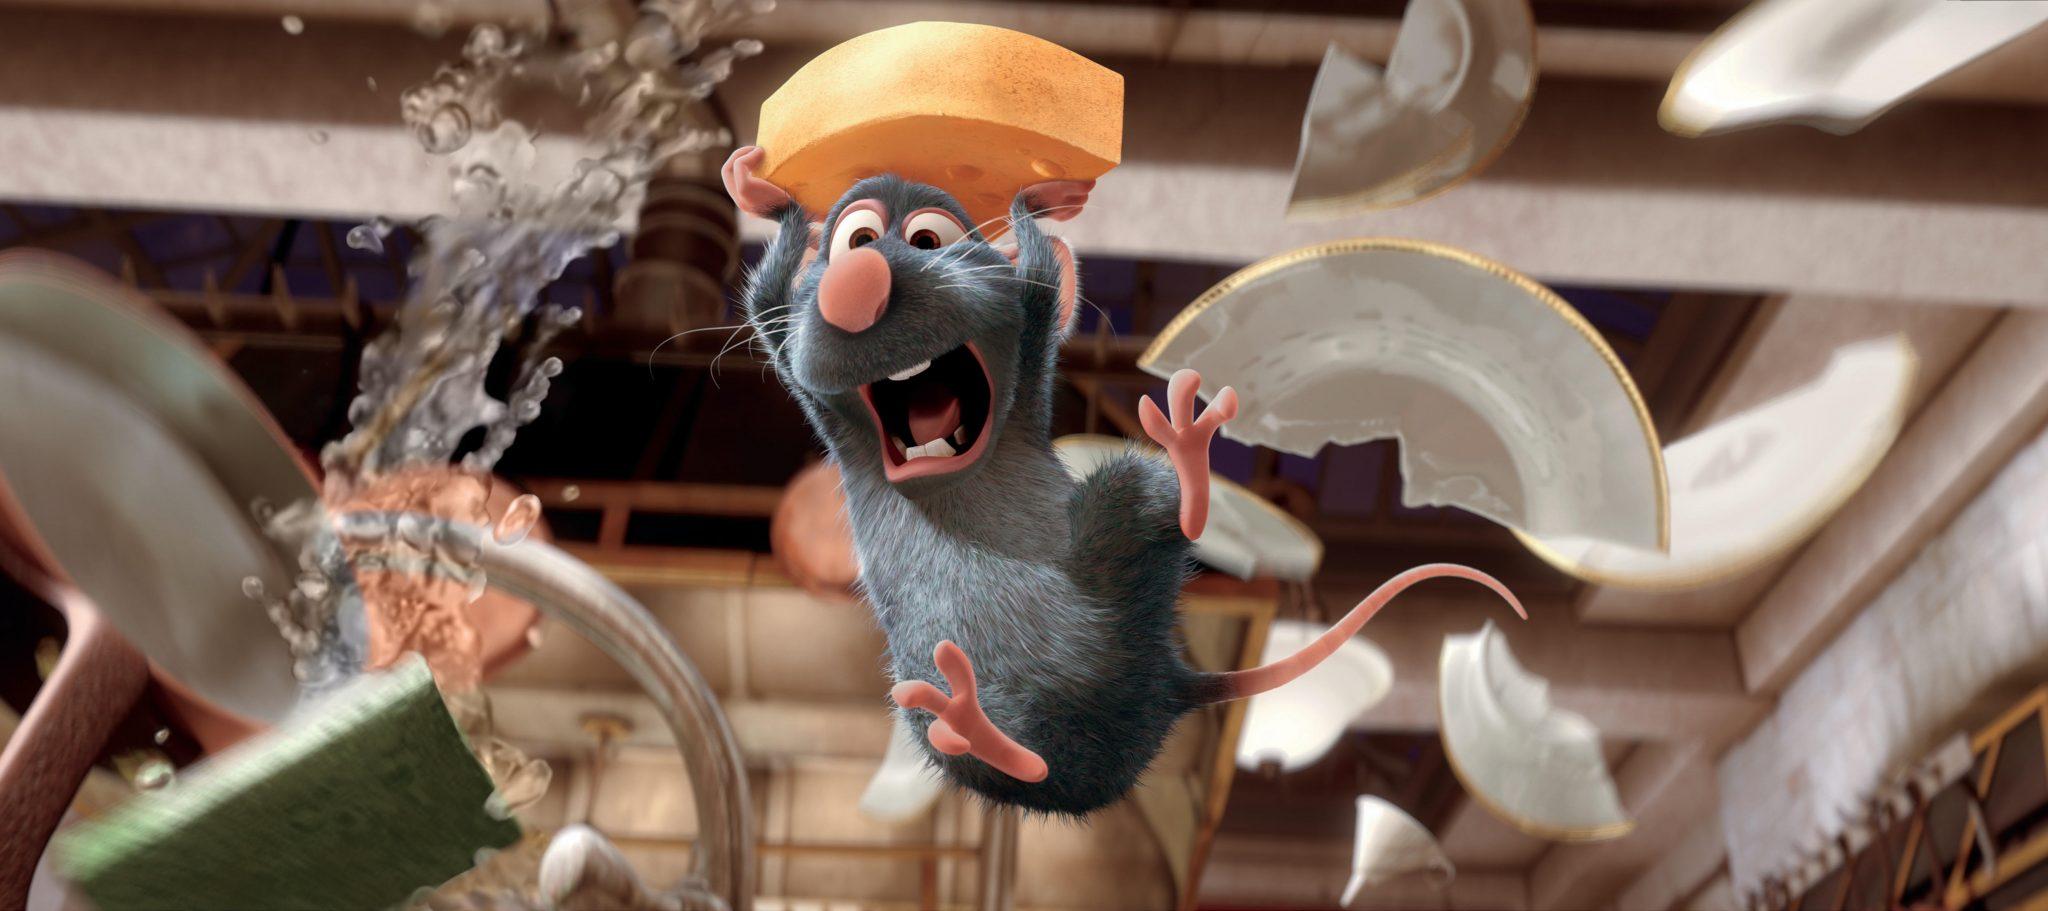 3SMReviews: Ratatouille